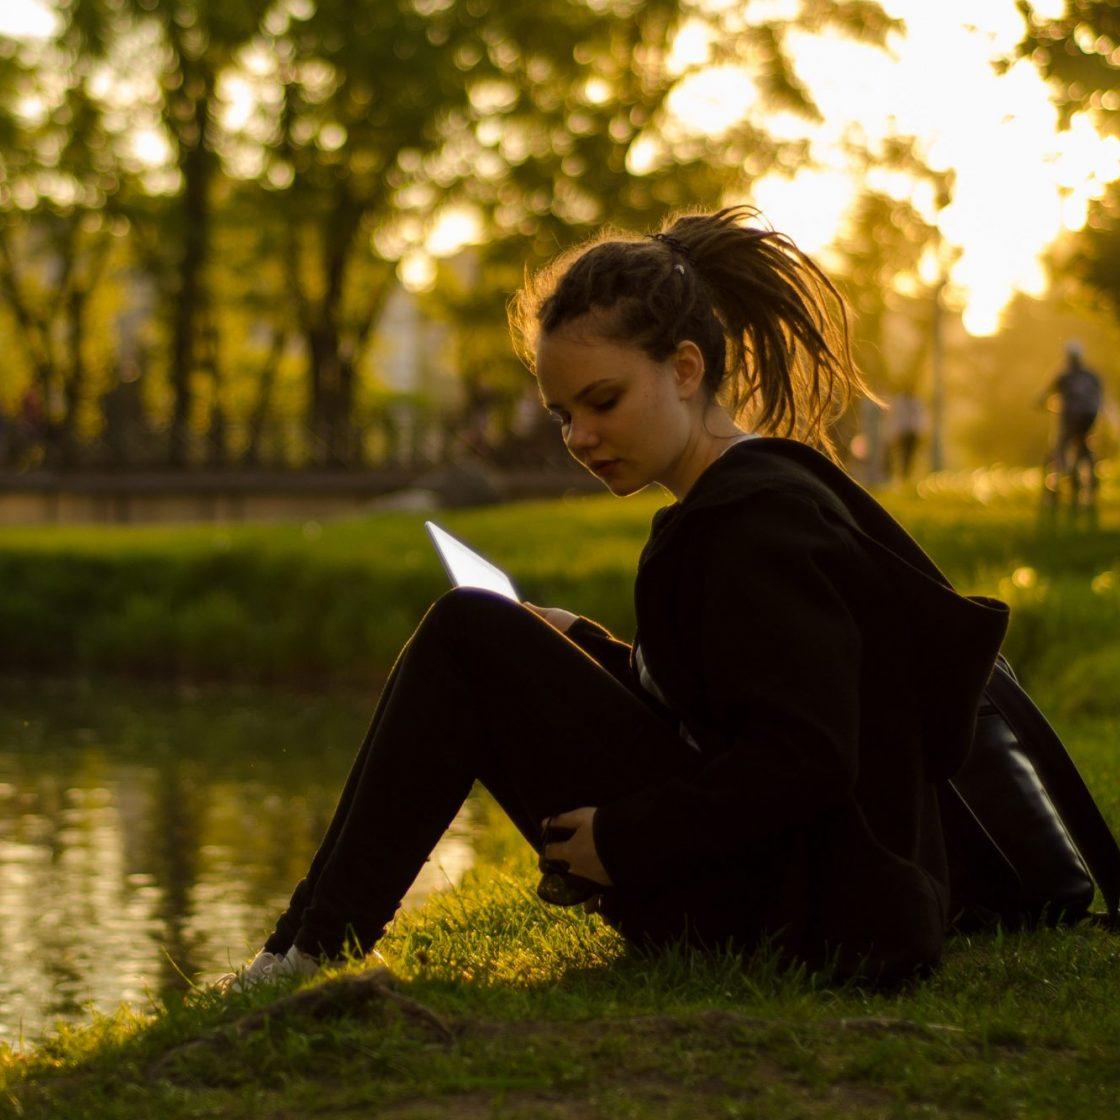 meisje studeert in een park in het gras